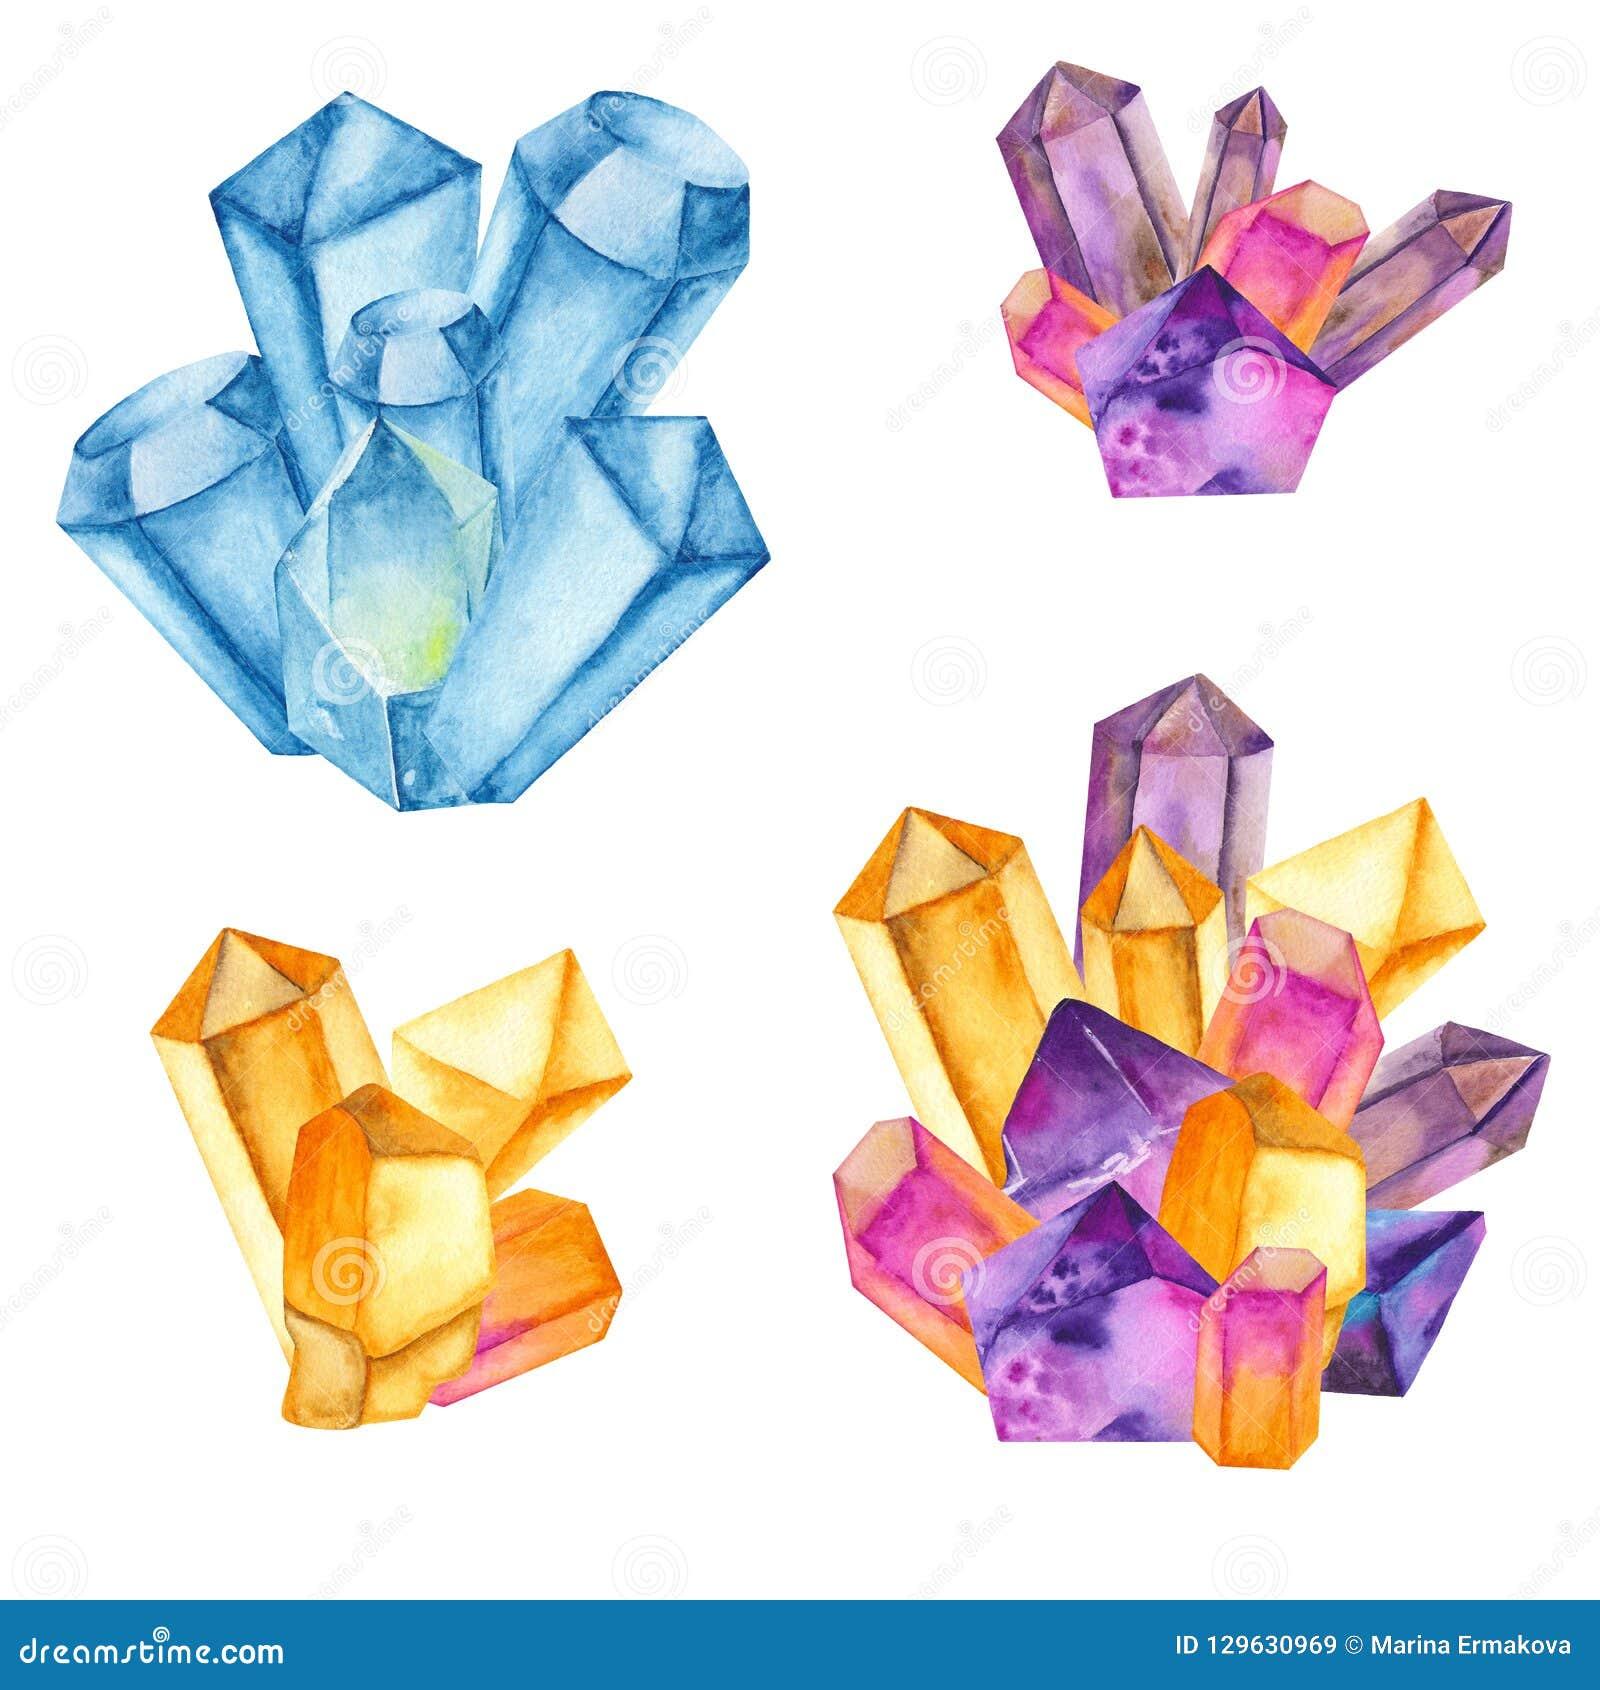 Vattenfärgen färgade kristaller